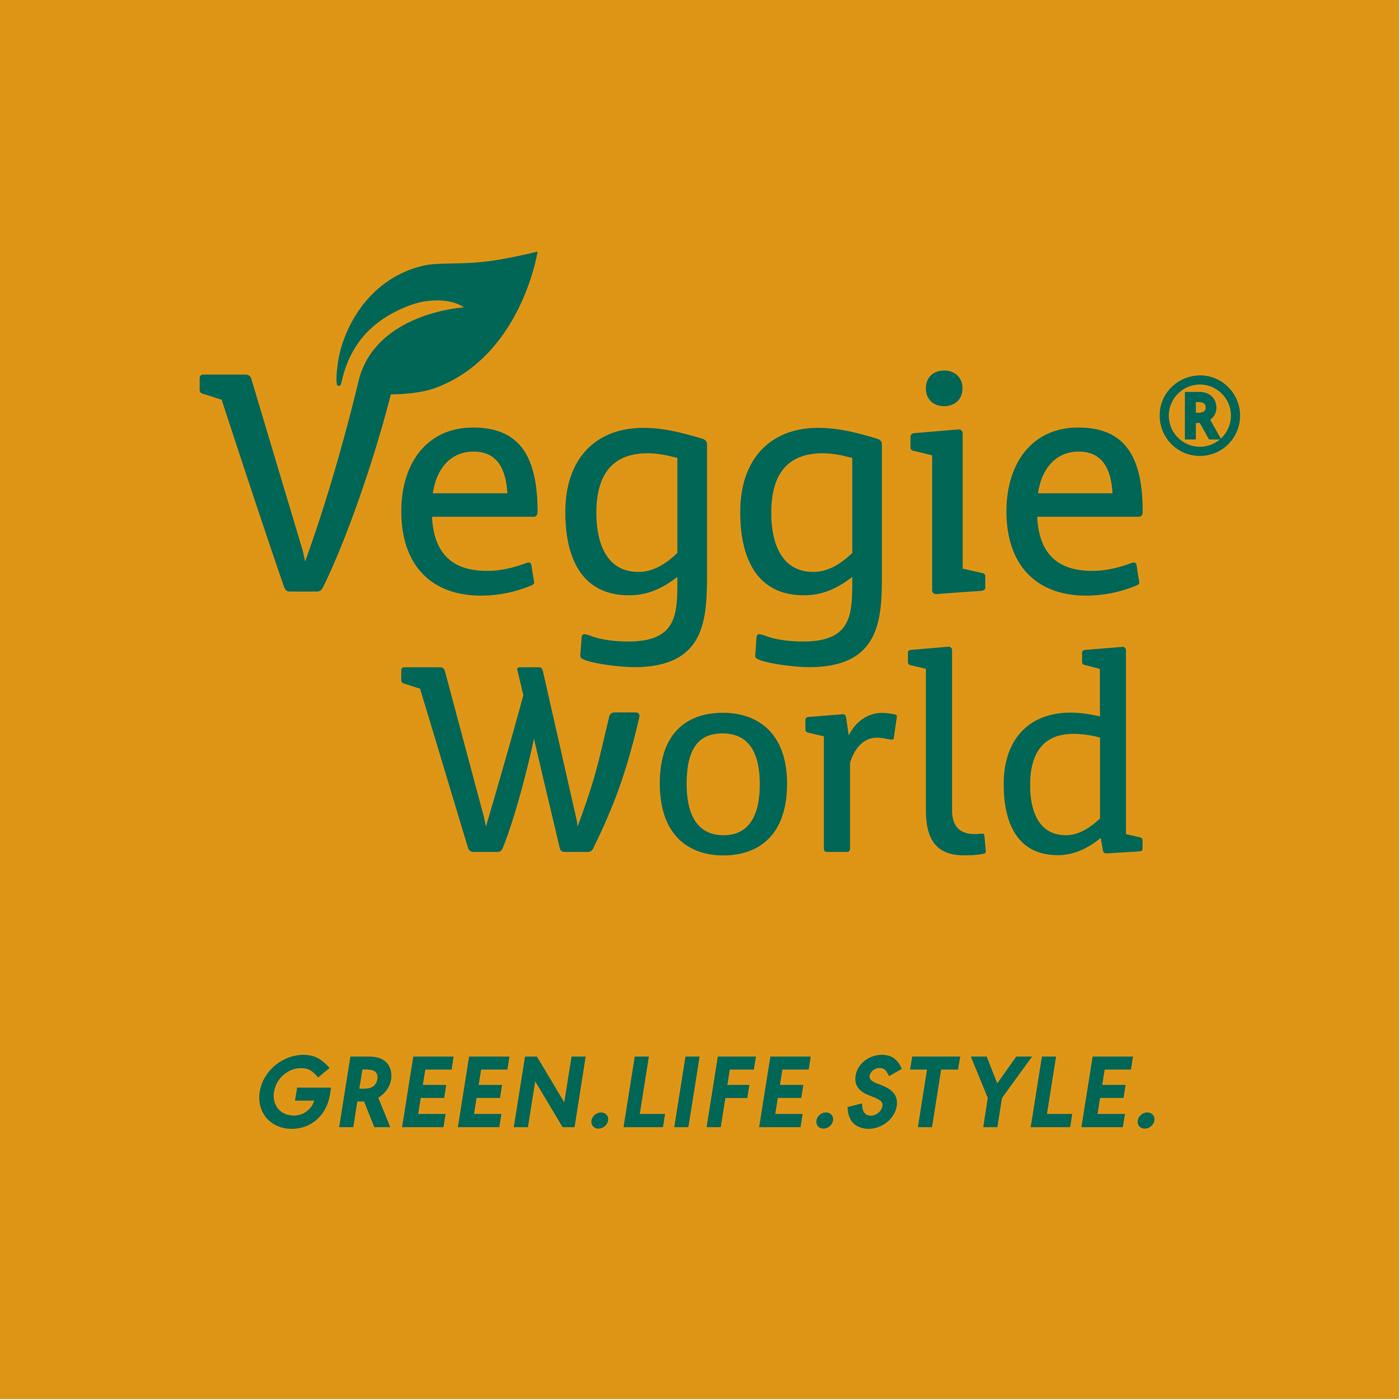 VeggieWorld Vegan Podcast | Vegane Ernährung | Vegan Lifestyle | Interviews